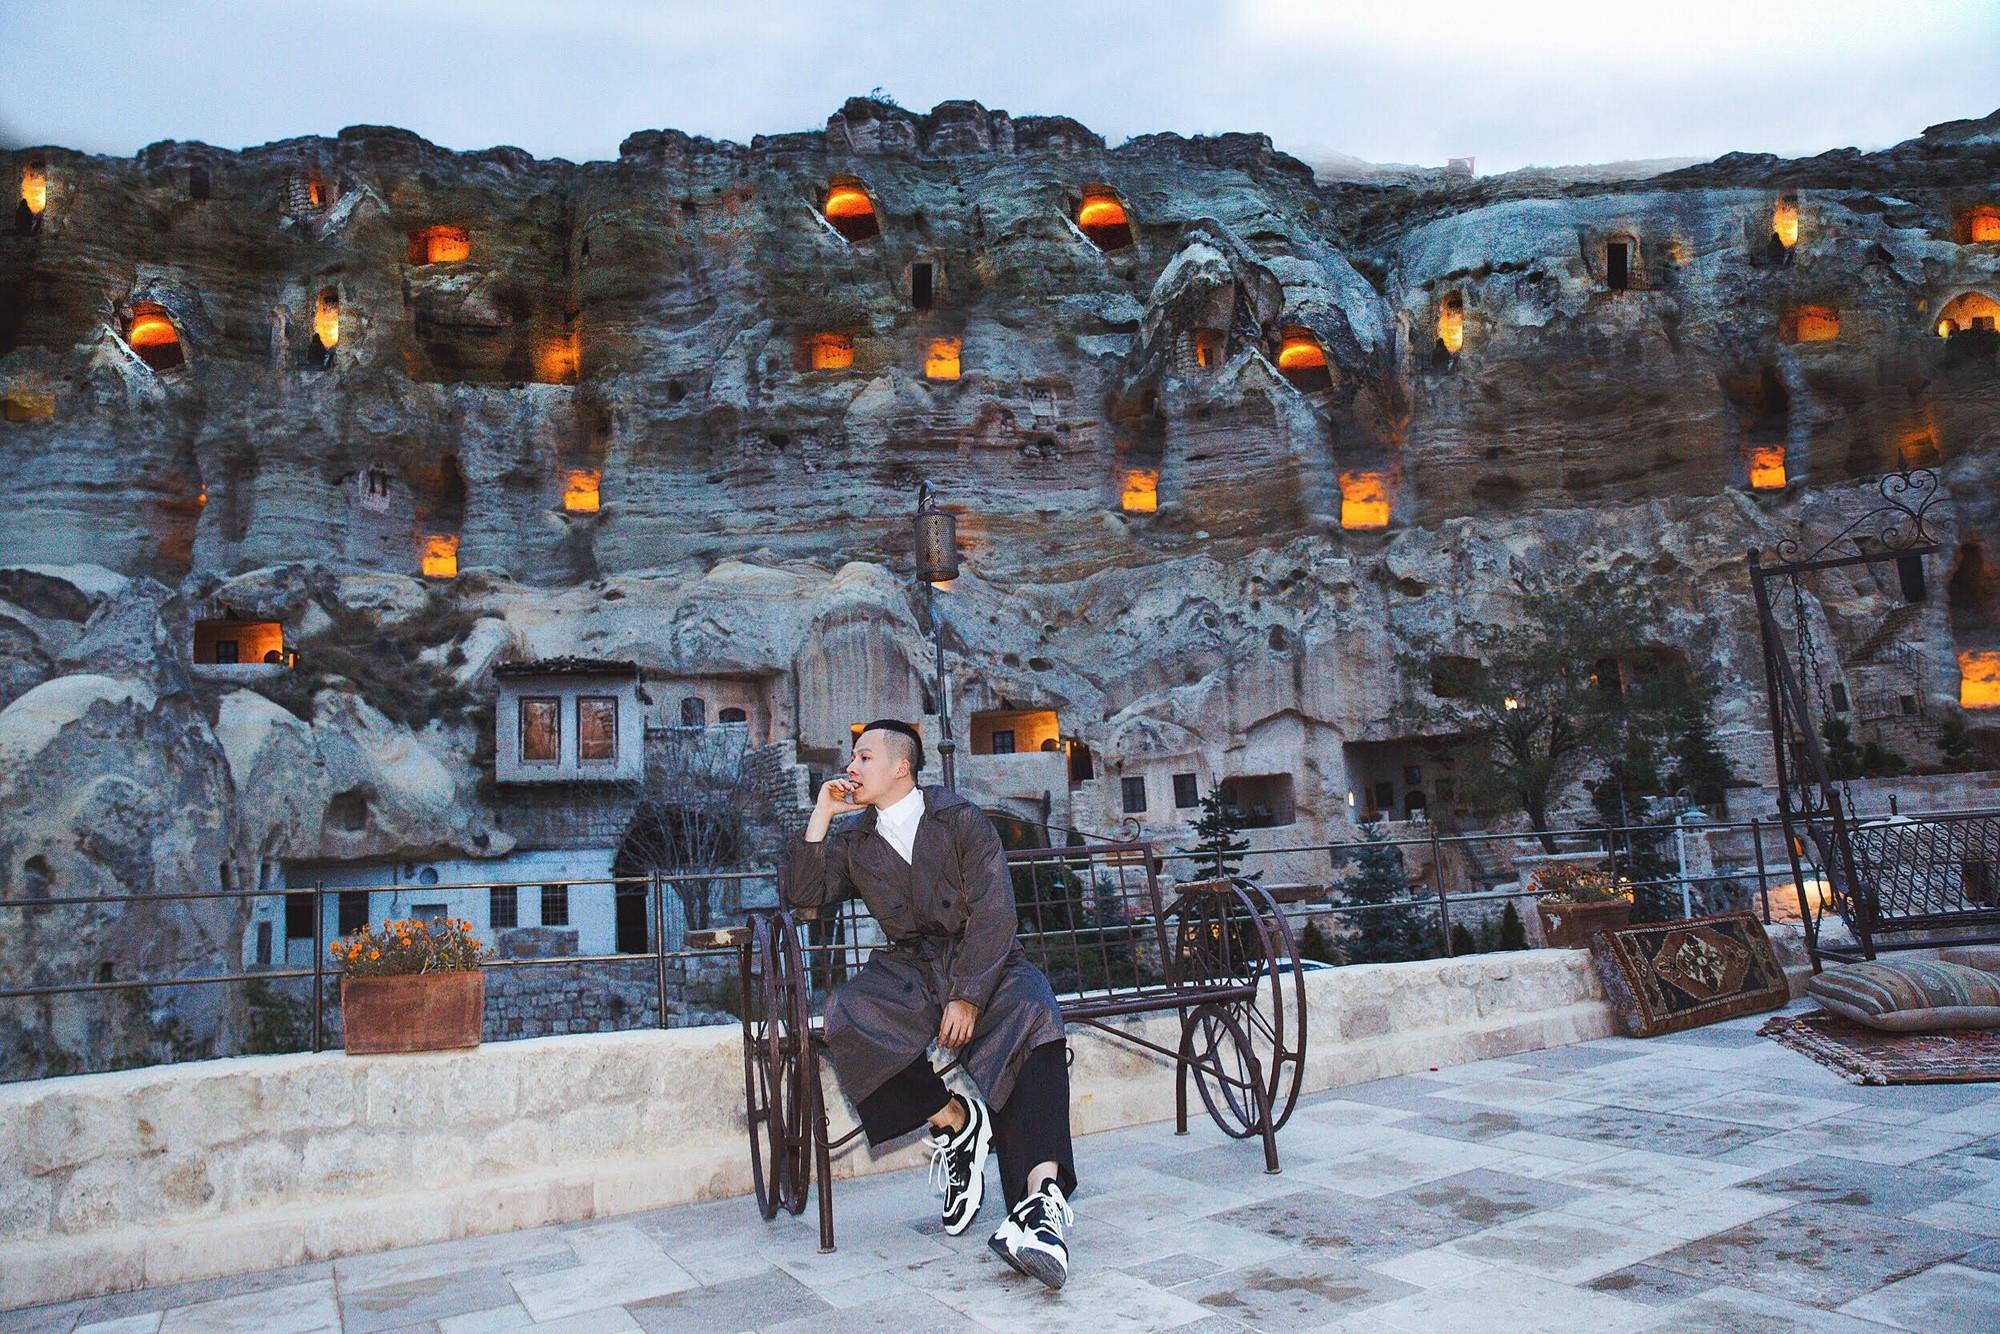 Ngọc Trinh đón bình minh đẹp như trong truyện cổ tích tại Thổ Nhĩ Kỳ cùng ông bầu Khắc Tiệp - Ảnh 5.